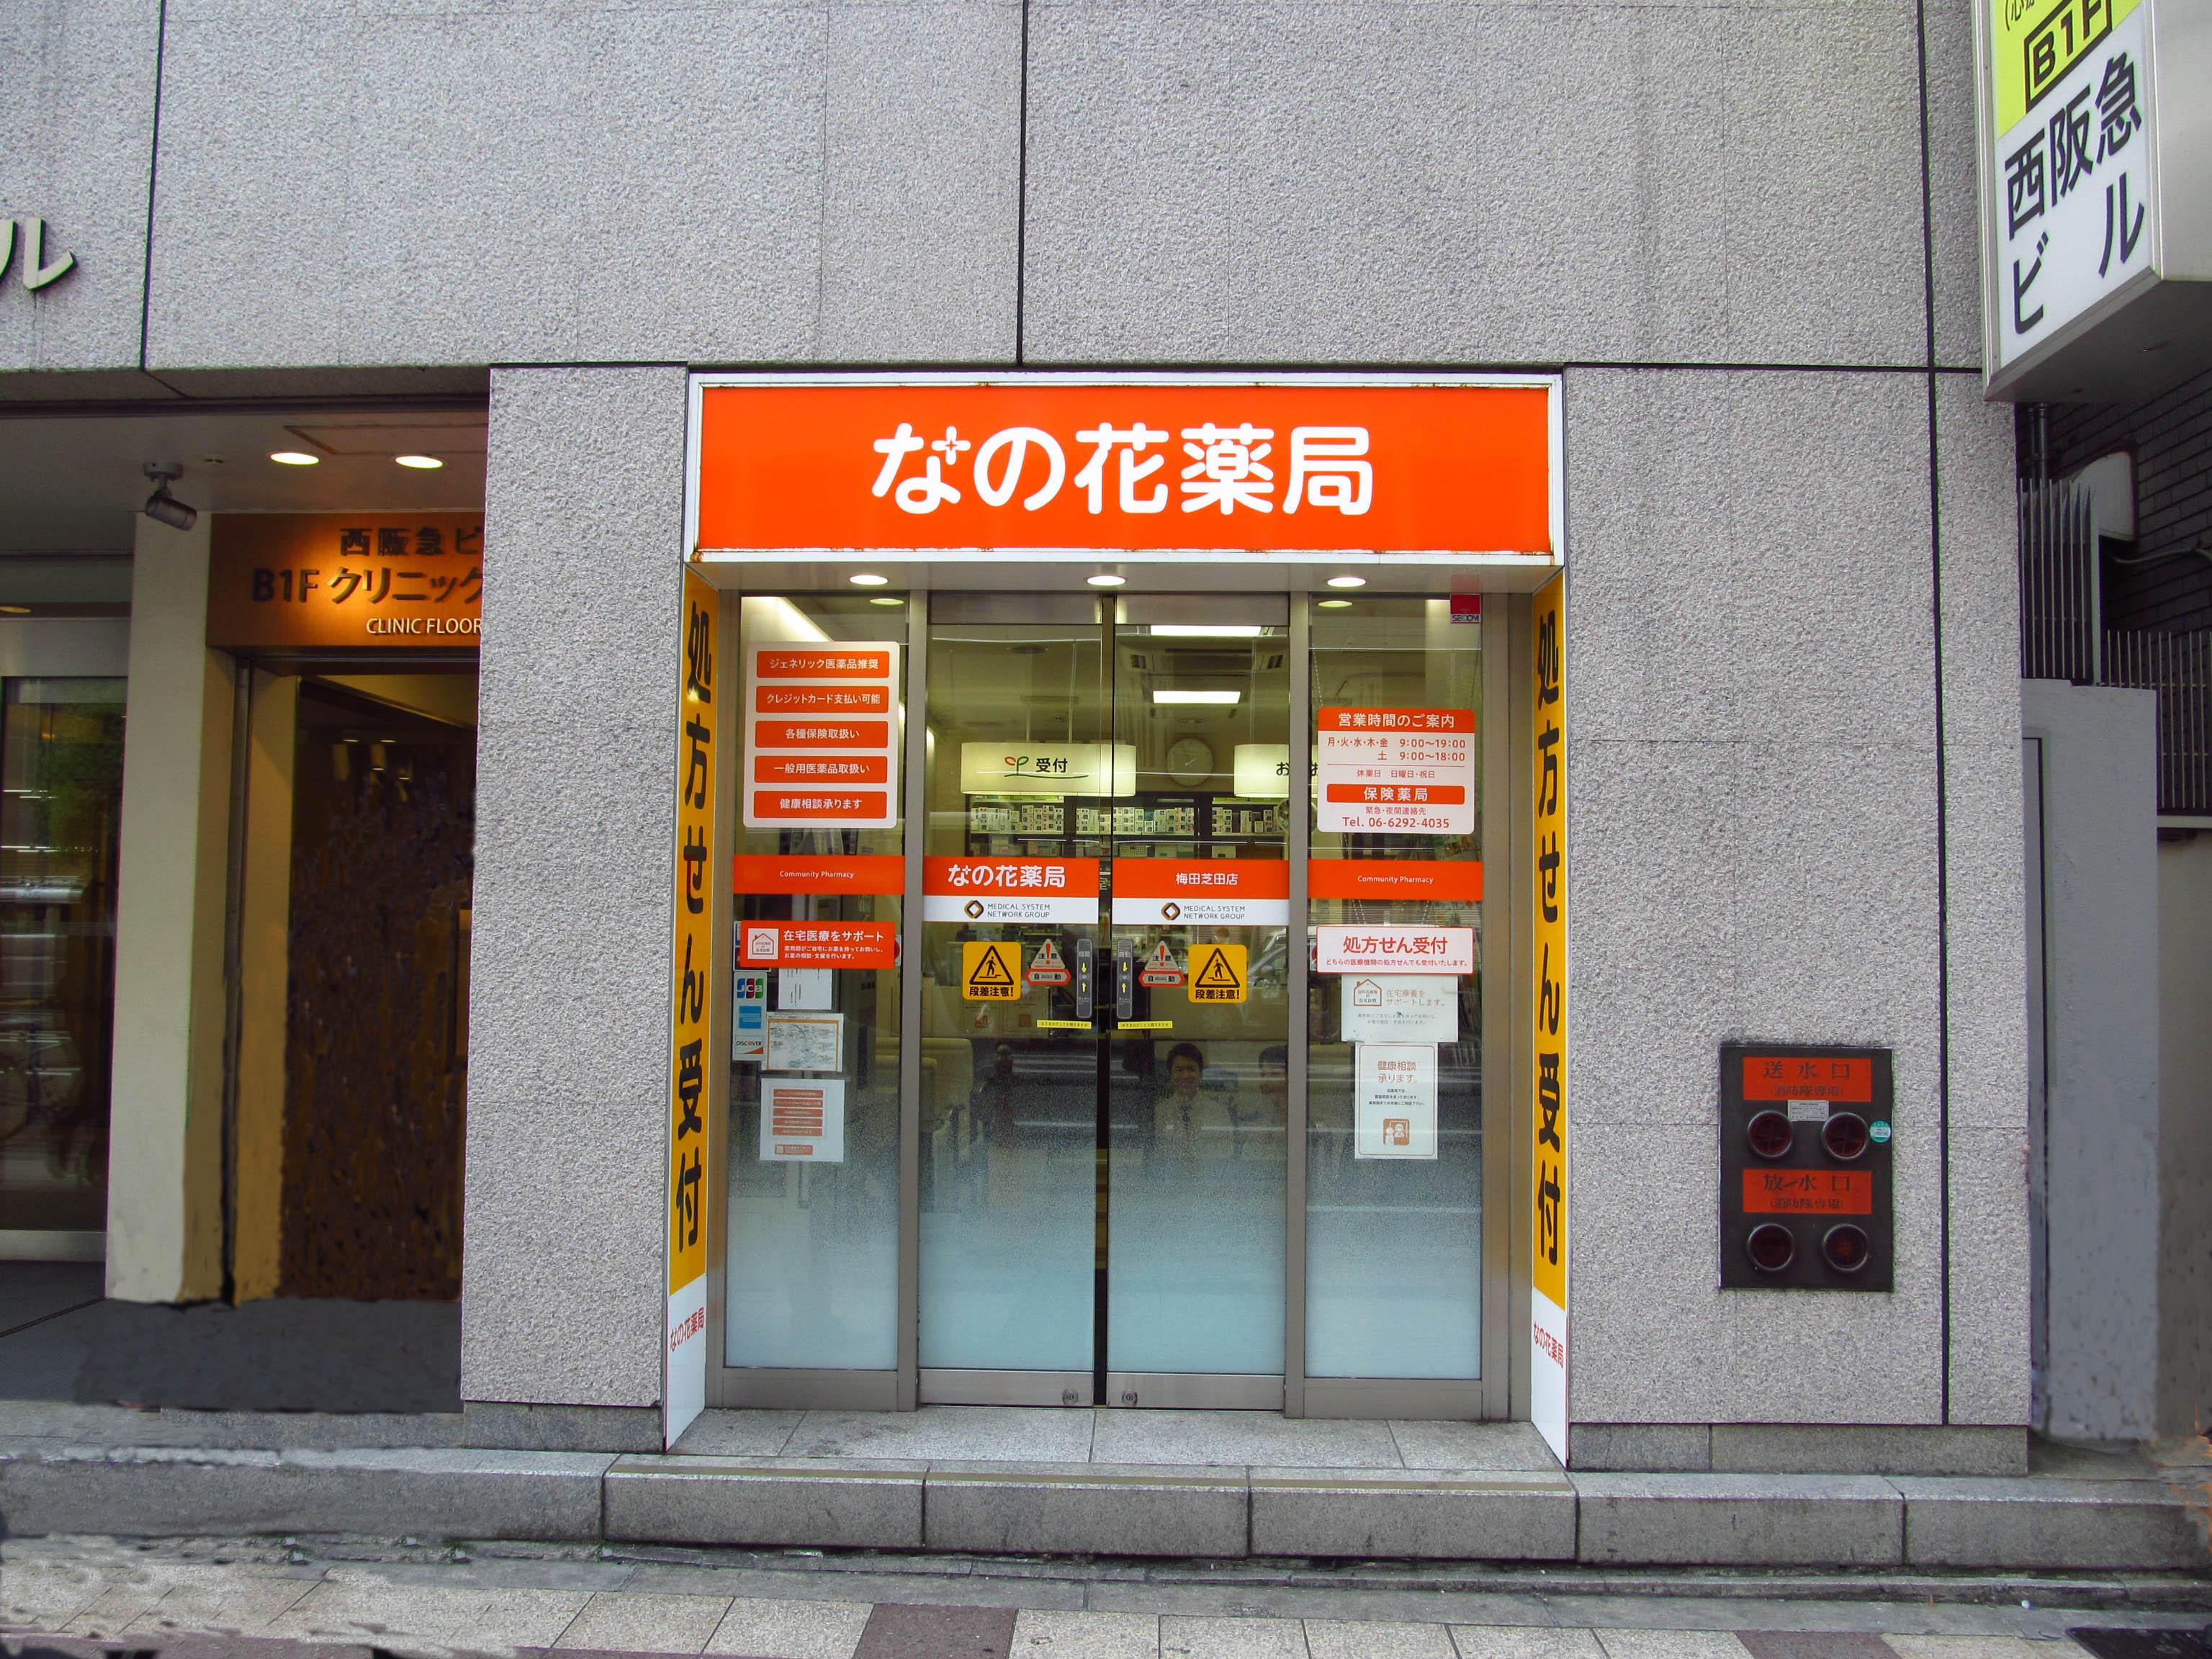 戎橋 店 nanohana